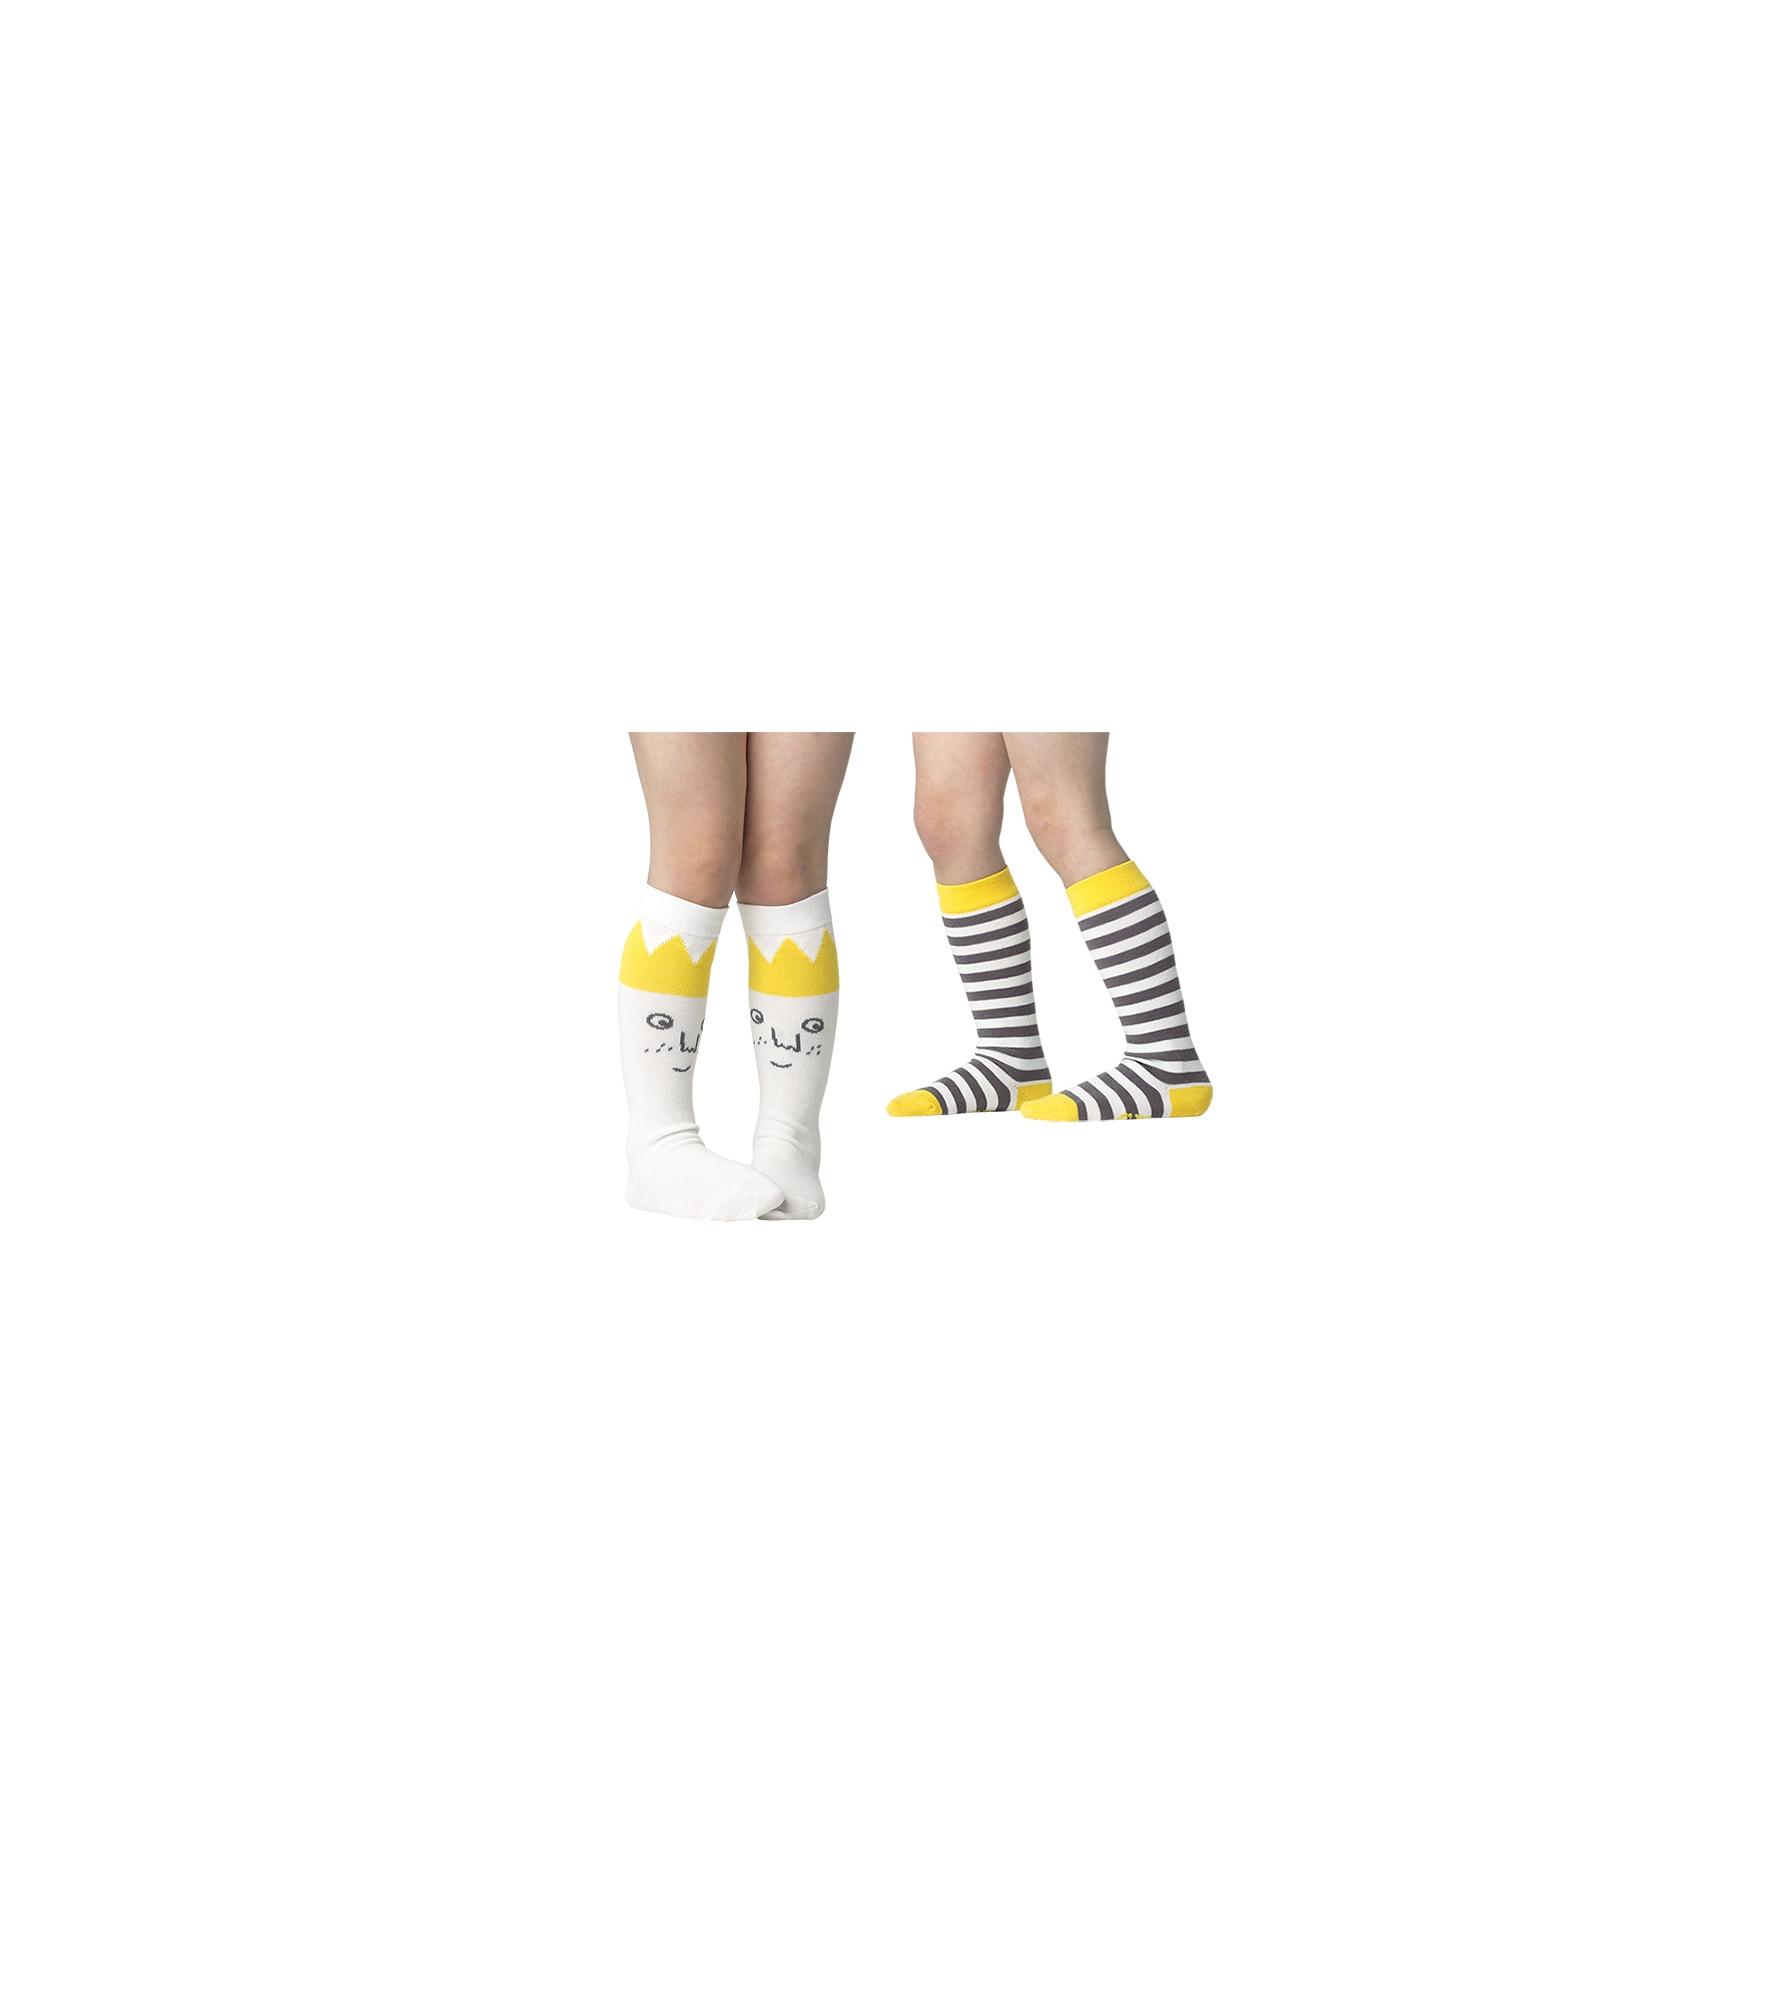 Wonderland Socks_2-pack.jpg